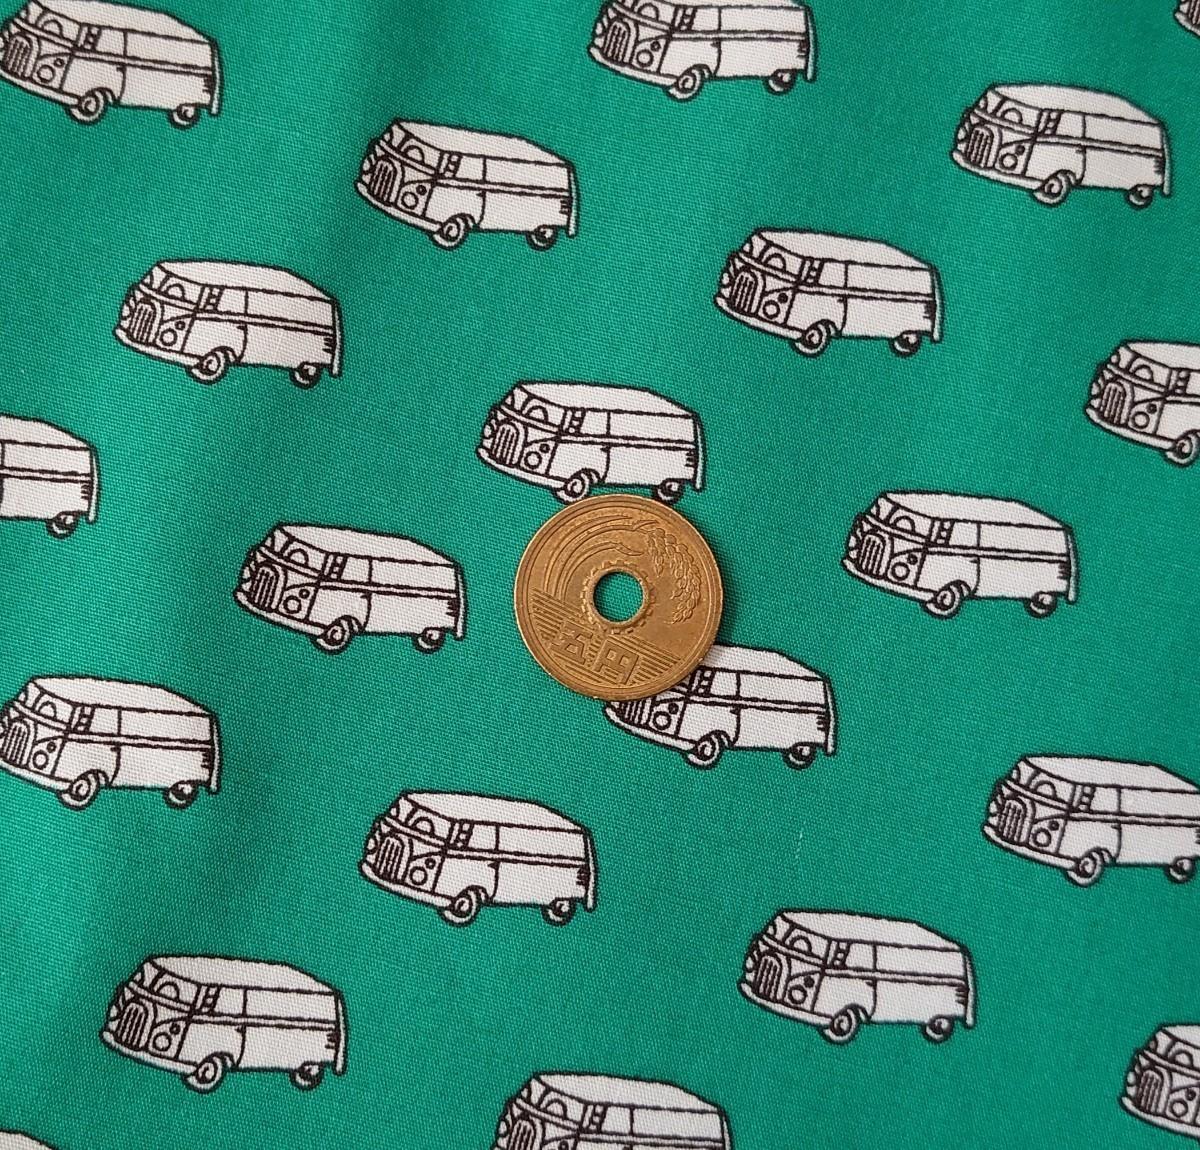 専用出品 fabric3点おまとめセット